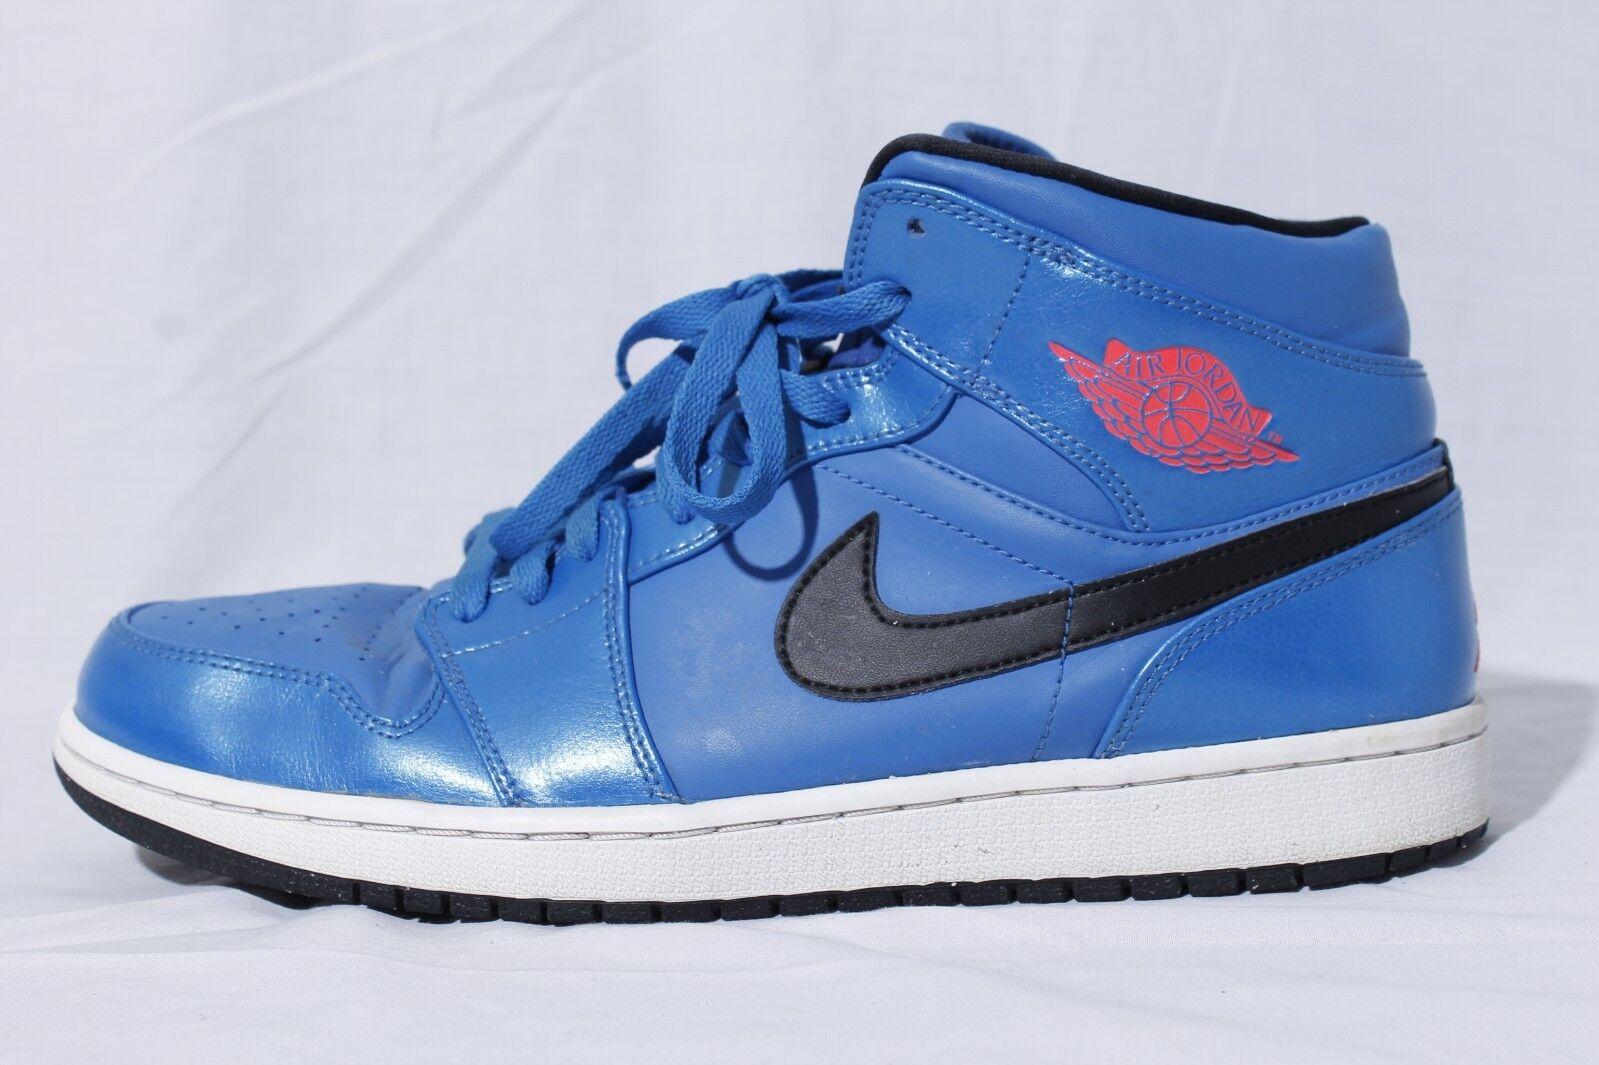 official photos dfb75 da1da ... clearance nike air jordan 1 metà uomini 115 blu scarpe da basket scarpe  sz noi 115